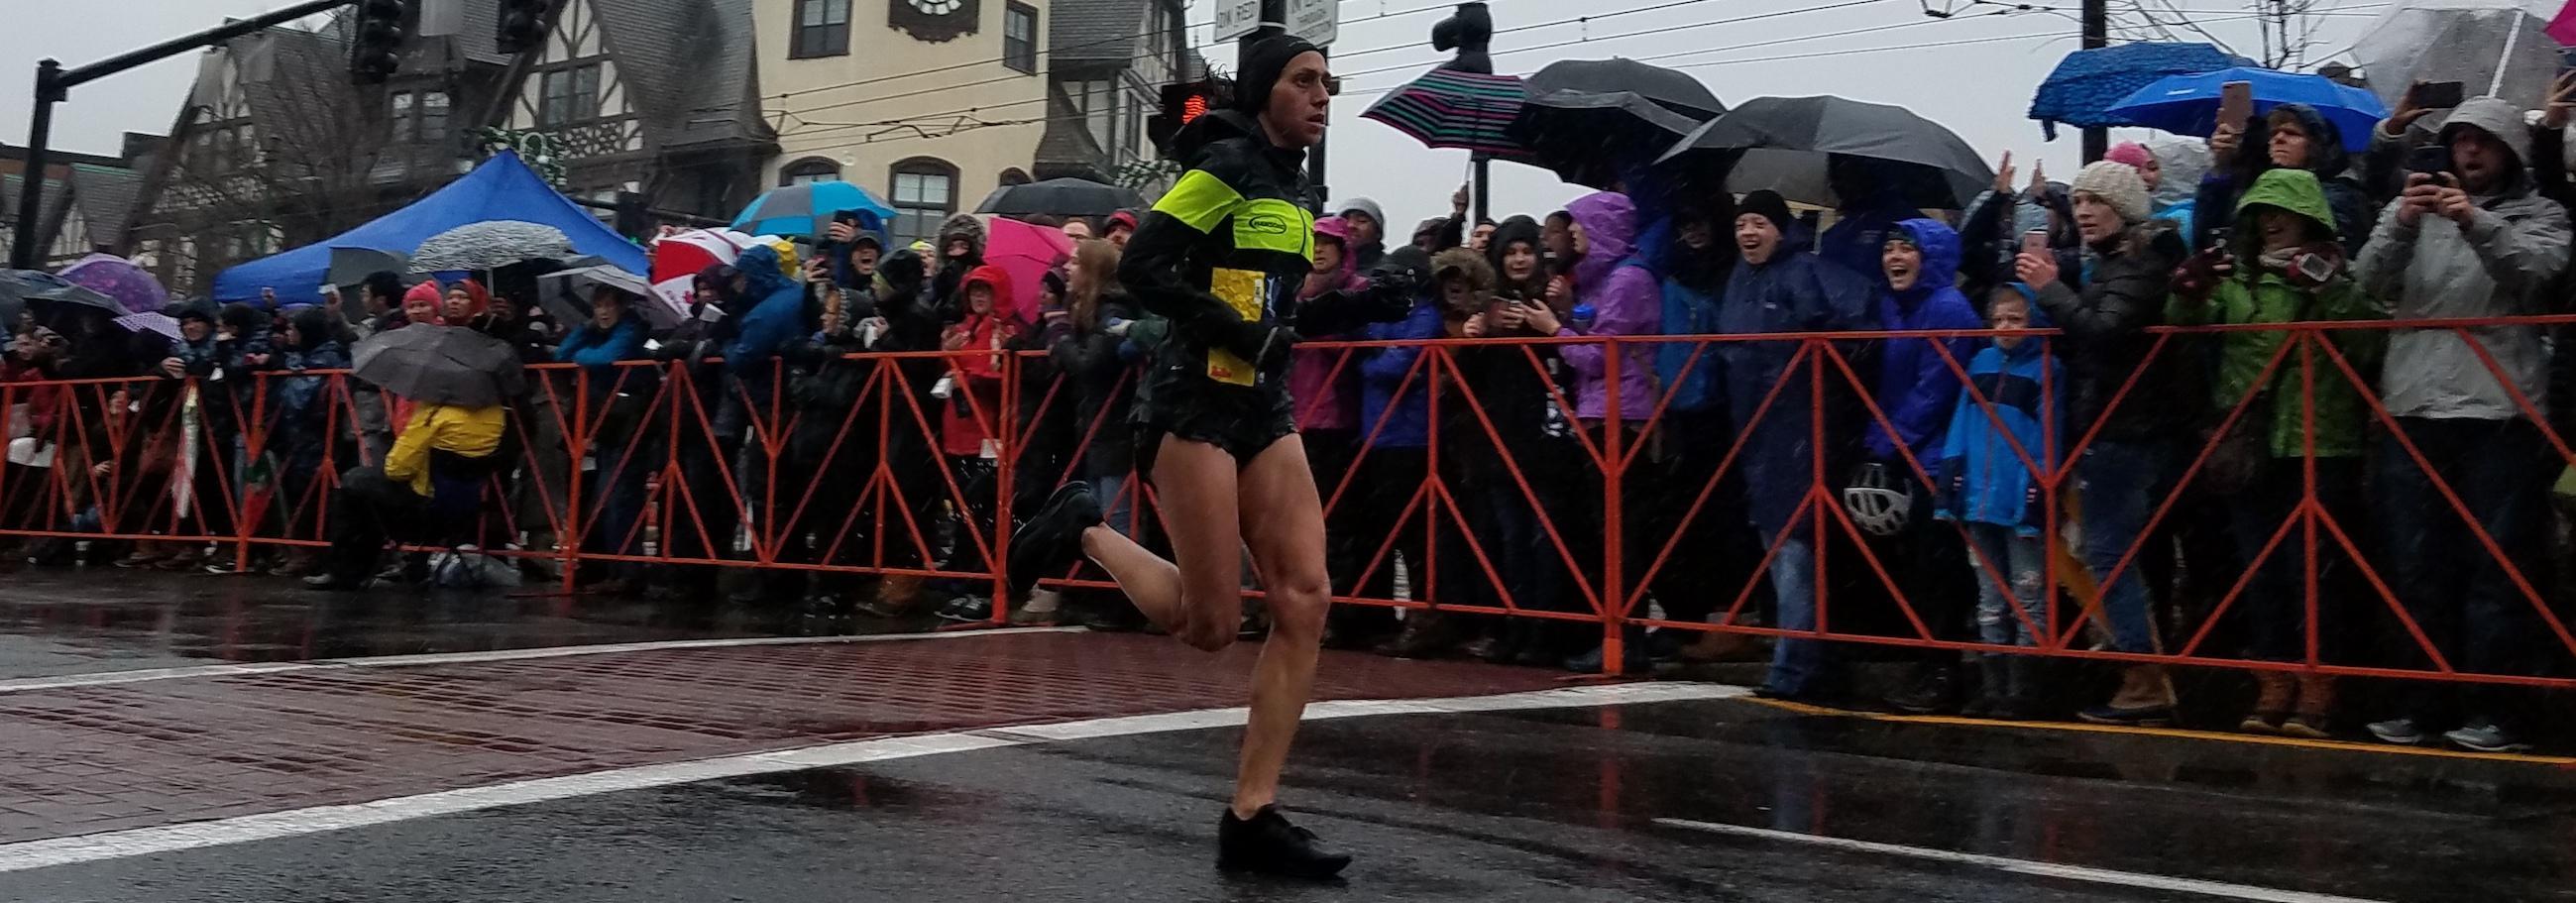 Marathon runner in Coolidge Corner